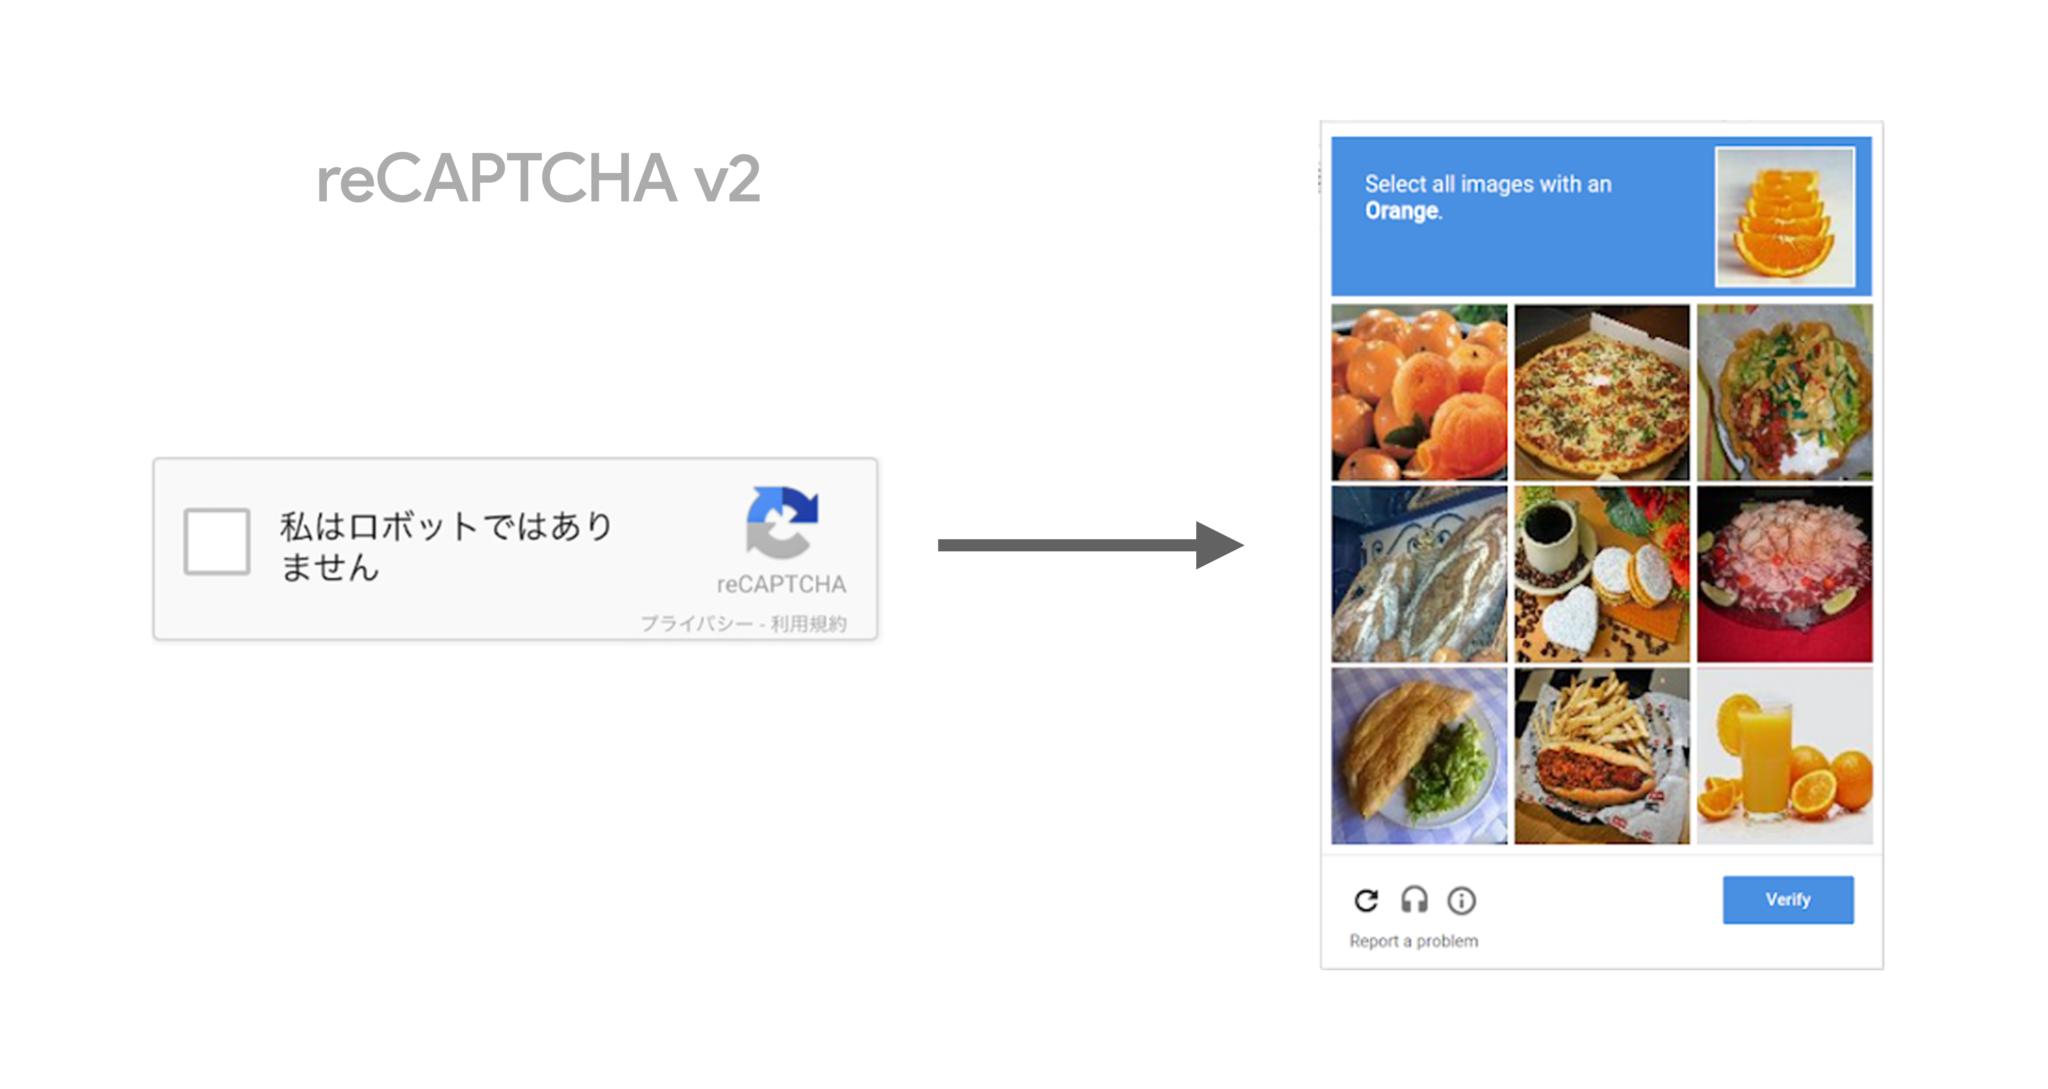 reCAPTCHA v2の仕組み